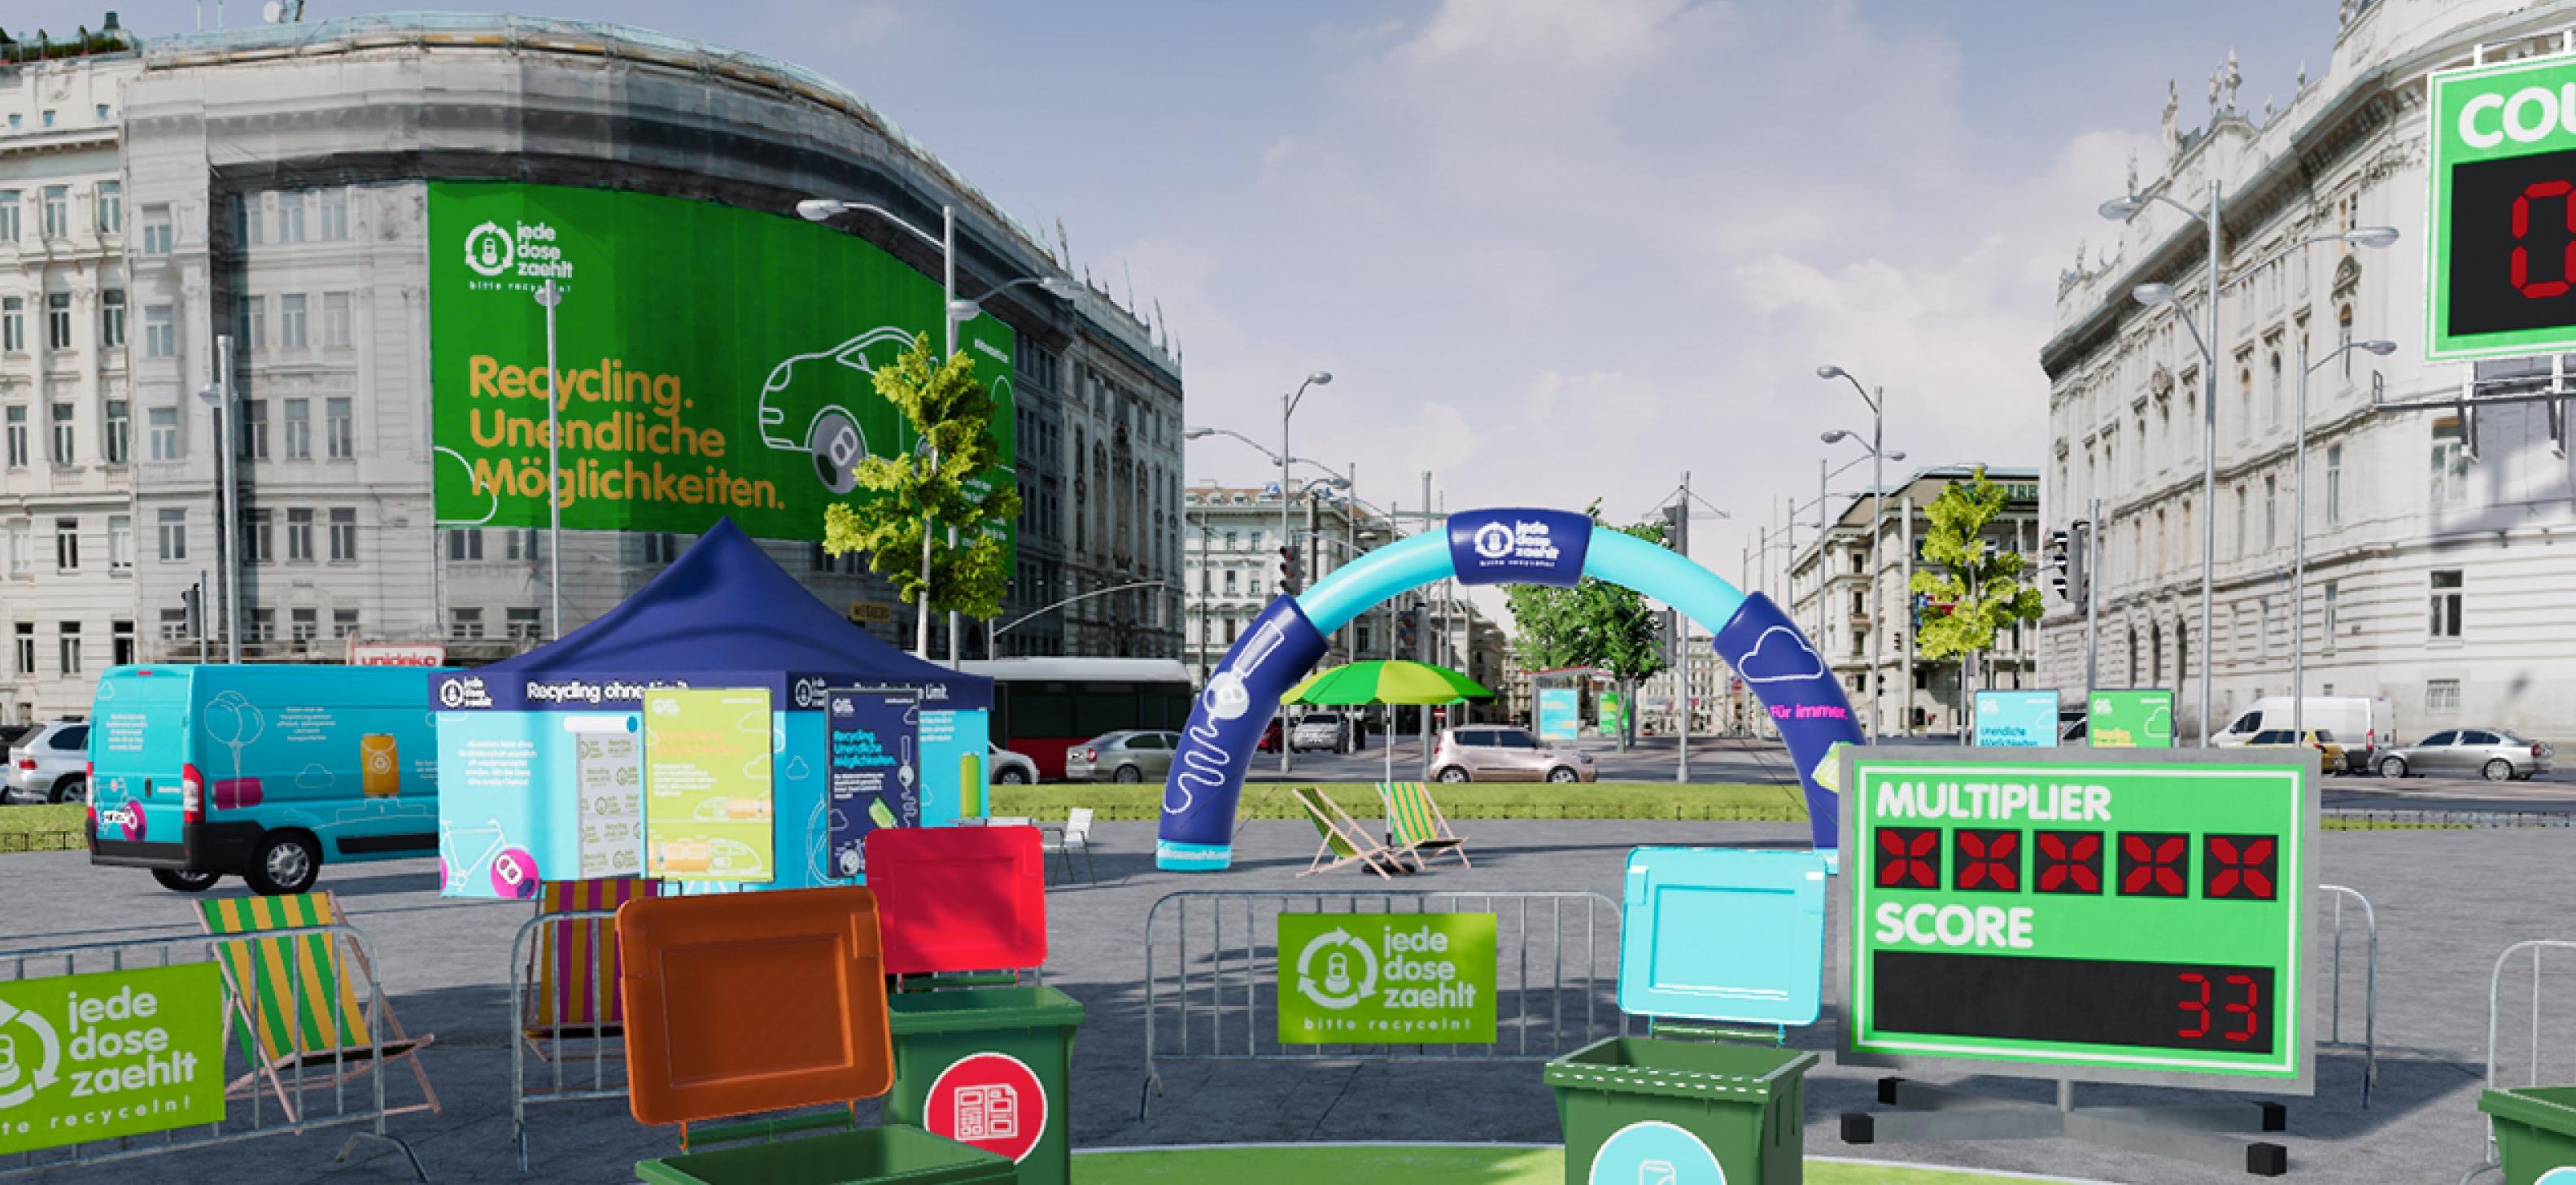 """Ziel der Kampagne """"Jede Dose zählt"""" war es jungen Menschen richtige Mülltrennung & Müllverwertung näher zu bringen. Wir kreierten das VR Spiel dazu!"""